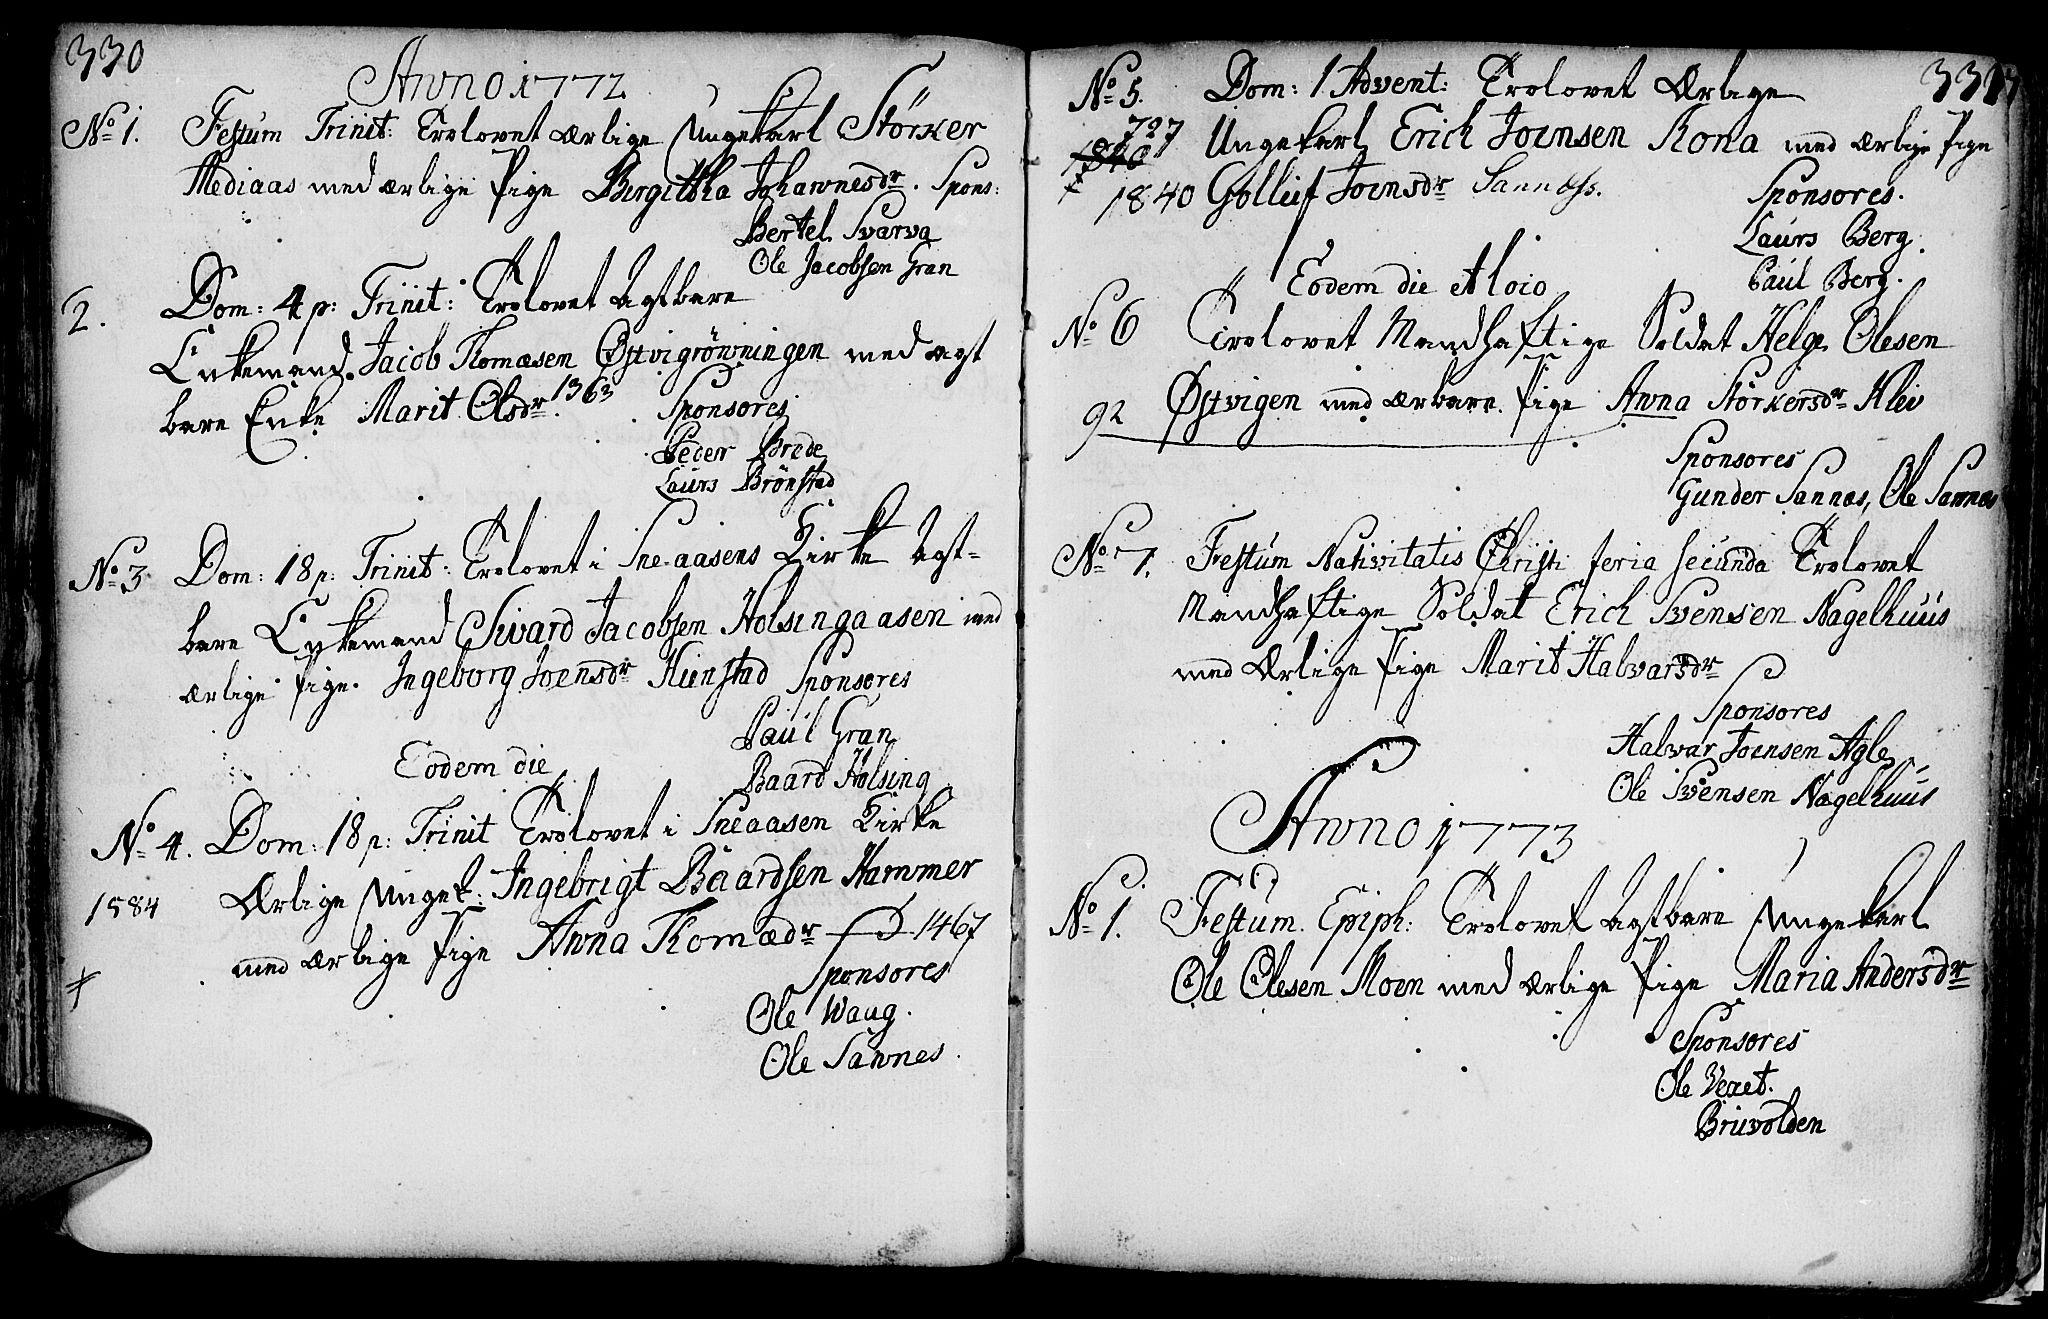 SAT, Ministerialprotokoller, klokkerbøker og fødselsregistre - Nord-Trøndelag, 749/L0467: Ministerialbok nr. 749A01, 1733-1787, s. 330-331